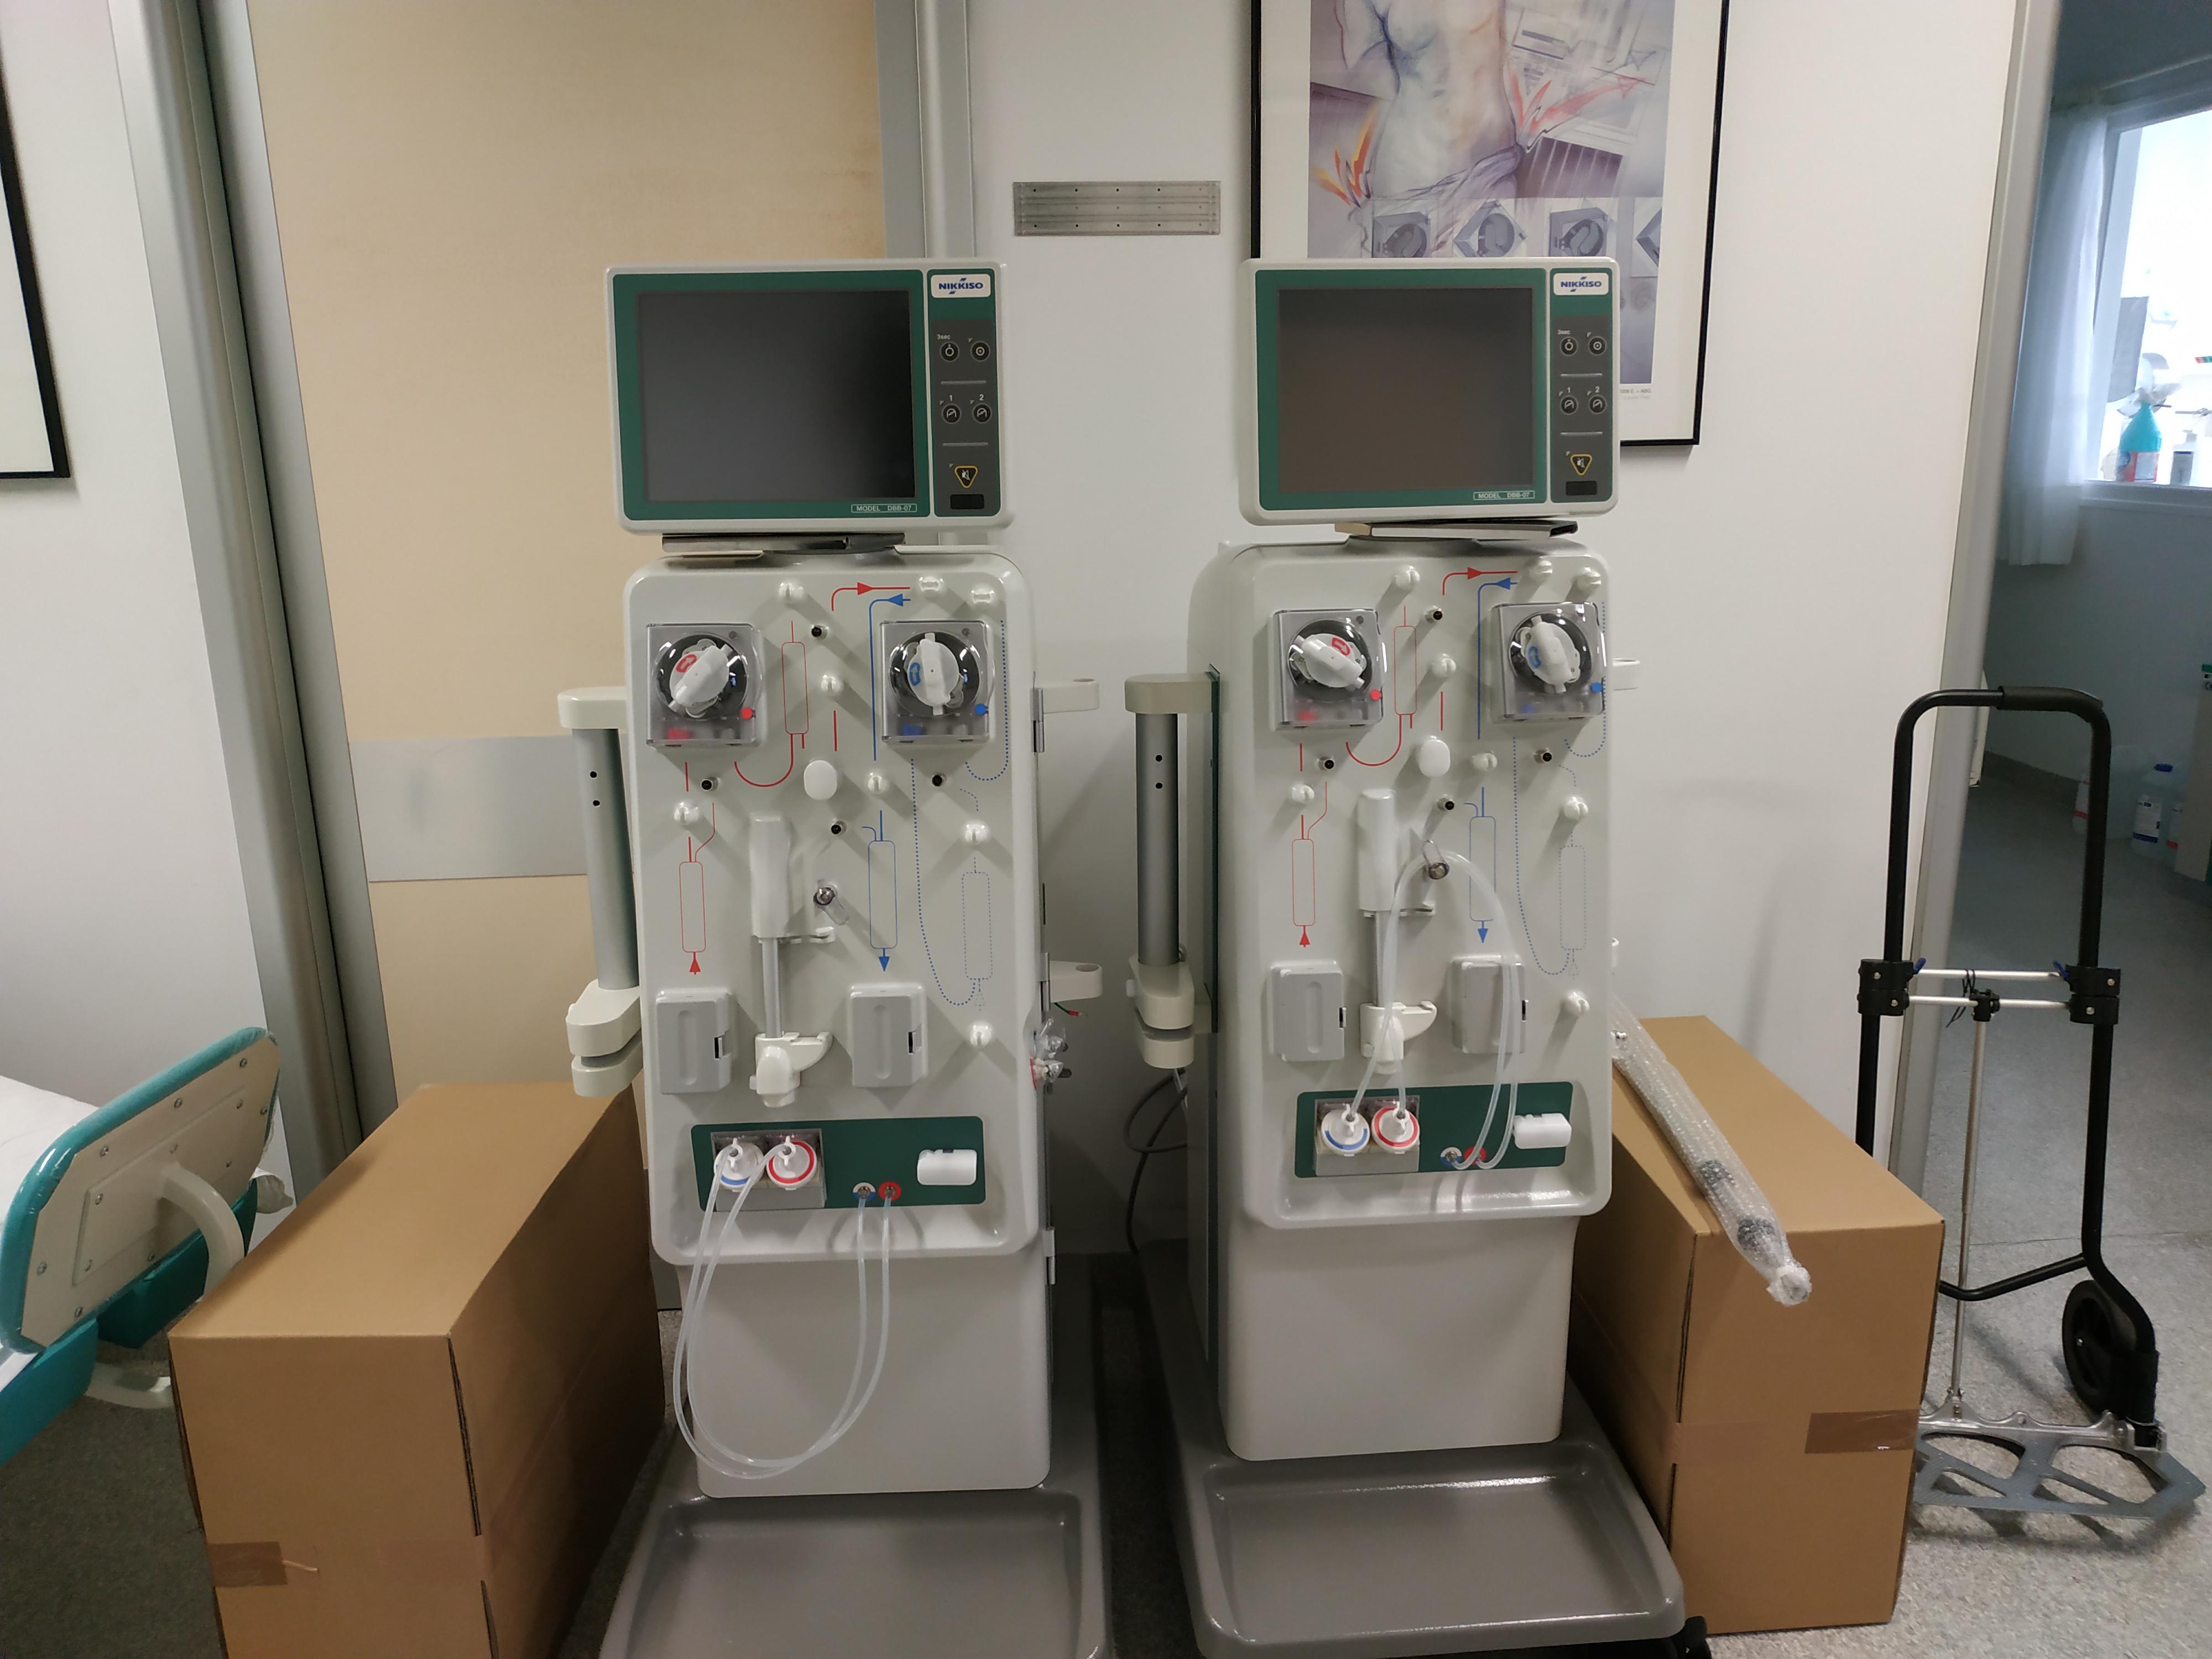 Είκοσι (20) νέα μηχανήματα αιμοκάθαρσης στο Νοσοκομείο Καλαμάτας